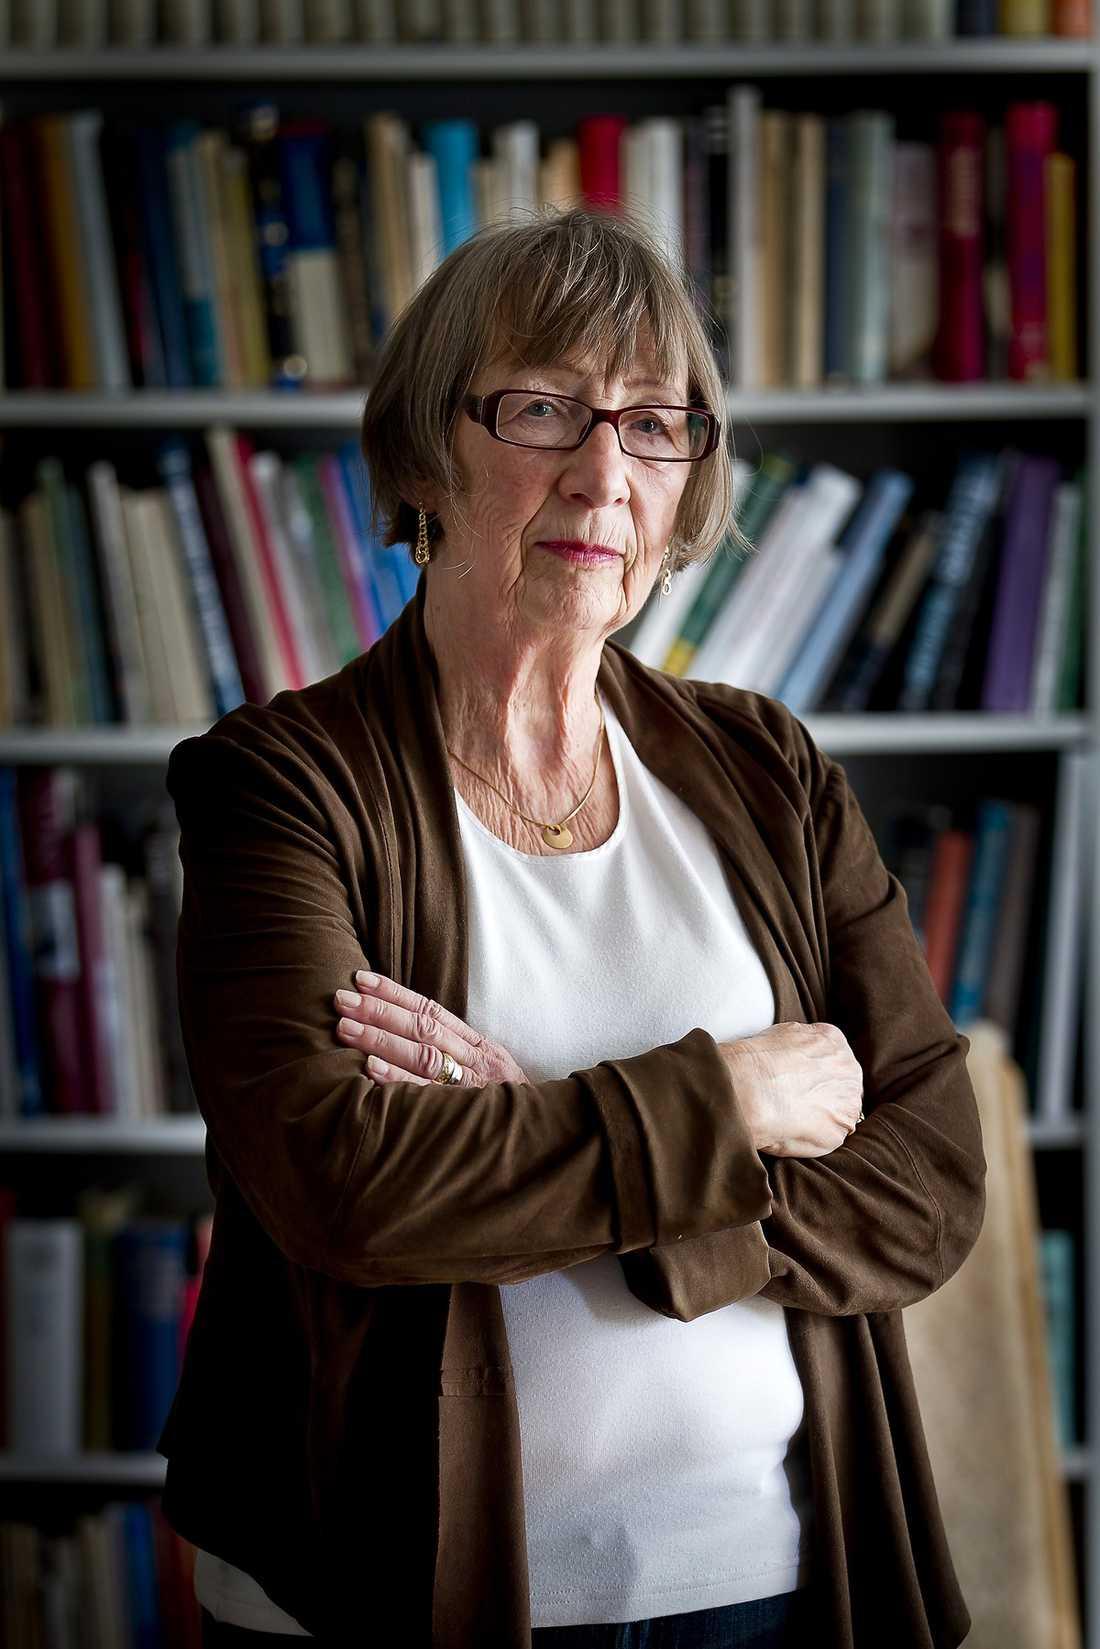 ANLITADES FÖR STUDIE  Gunilla Thernlund anlitades av Eli Lilly för att förbereda en studie av läkemedelsbolagets adhd-medicin Strattera. Senare blev hon statlig expert på Läkemedelsverket och rekommenderade då samma preparat som förstahandsval.